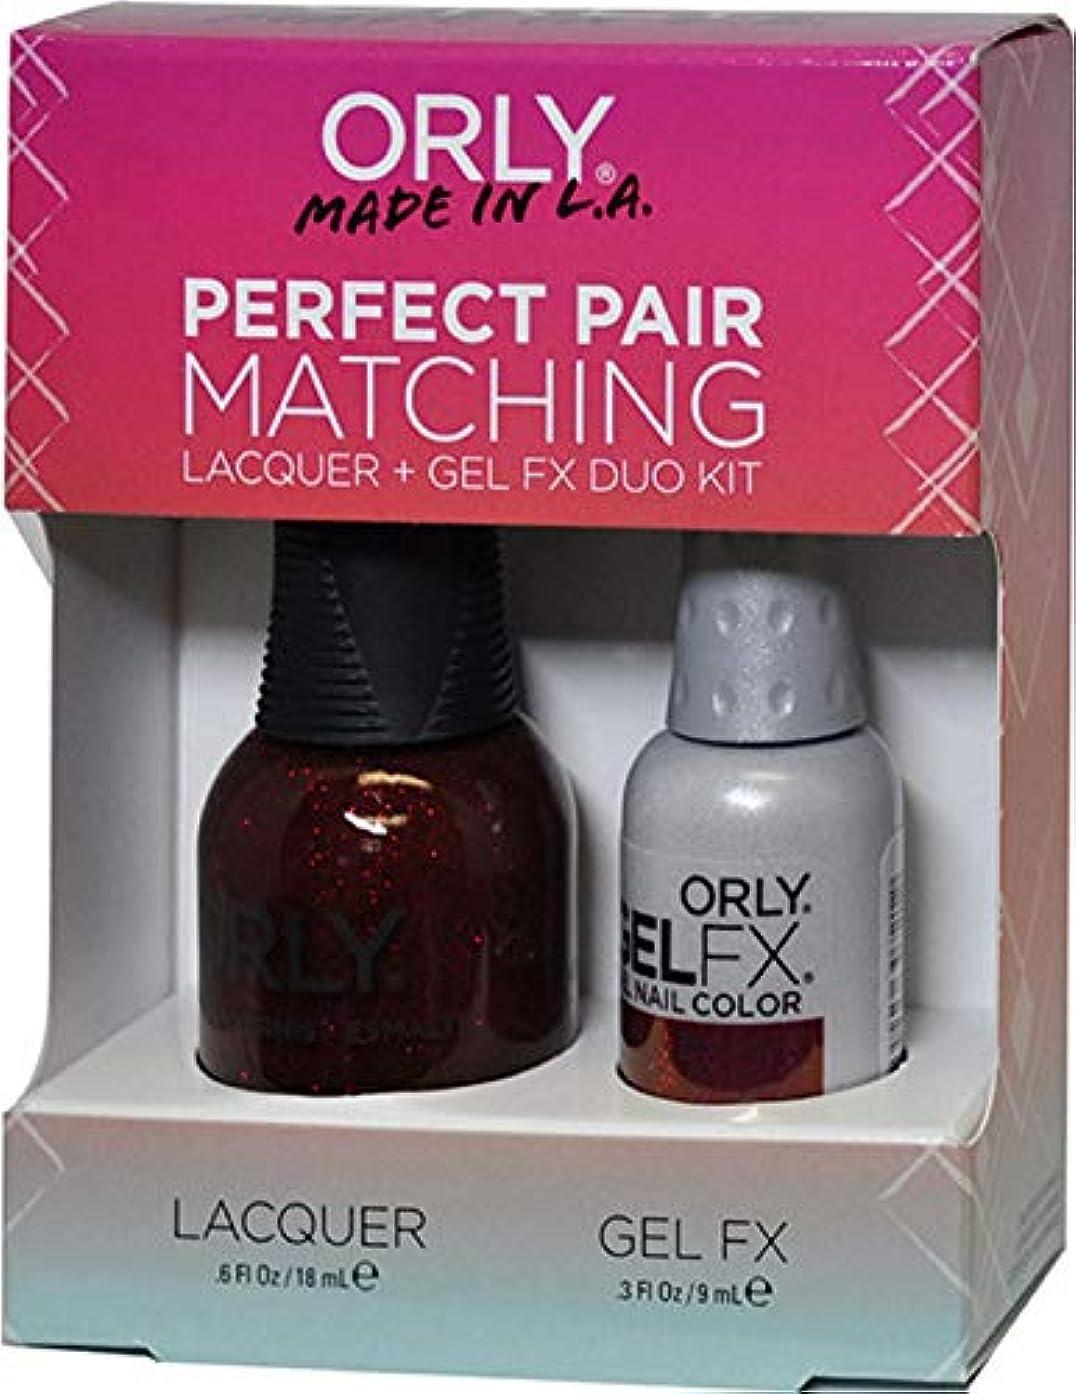 人工的な下線一貫性のないOrly Nail Lacquer + Gel FX - Perfect Pair Matching DUO - Star Spangled